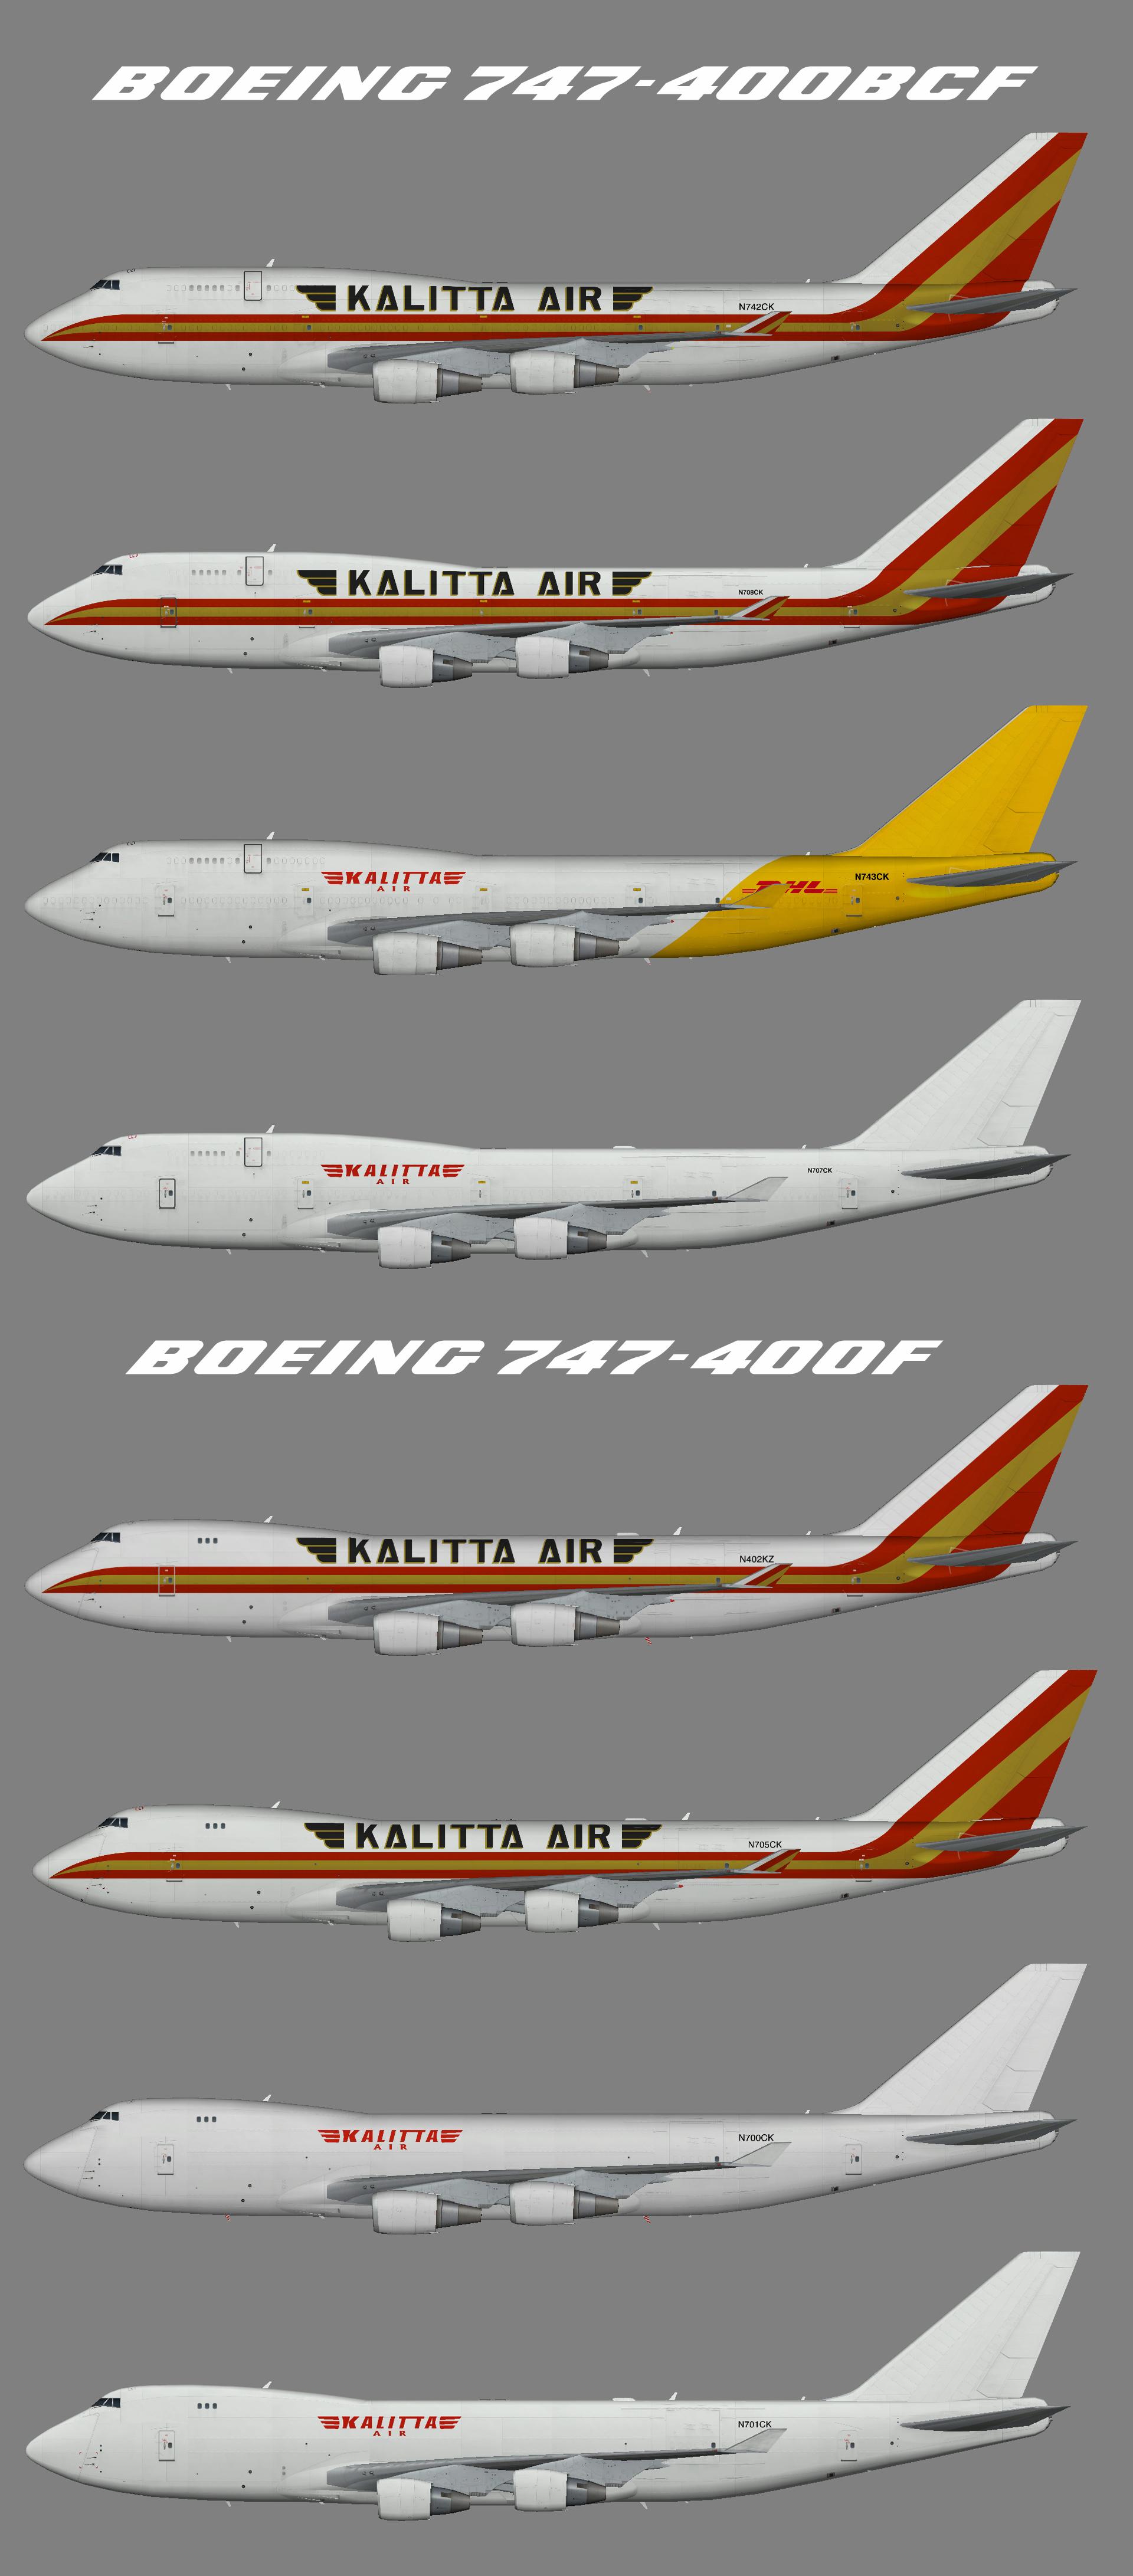 Kalitta Air Boeing 747-400F